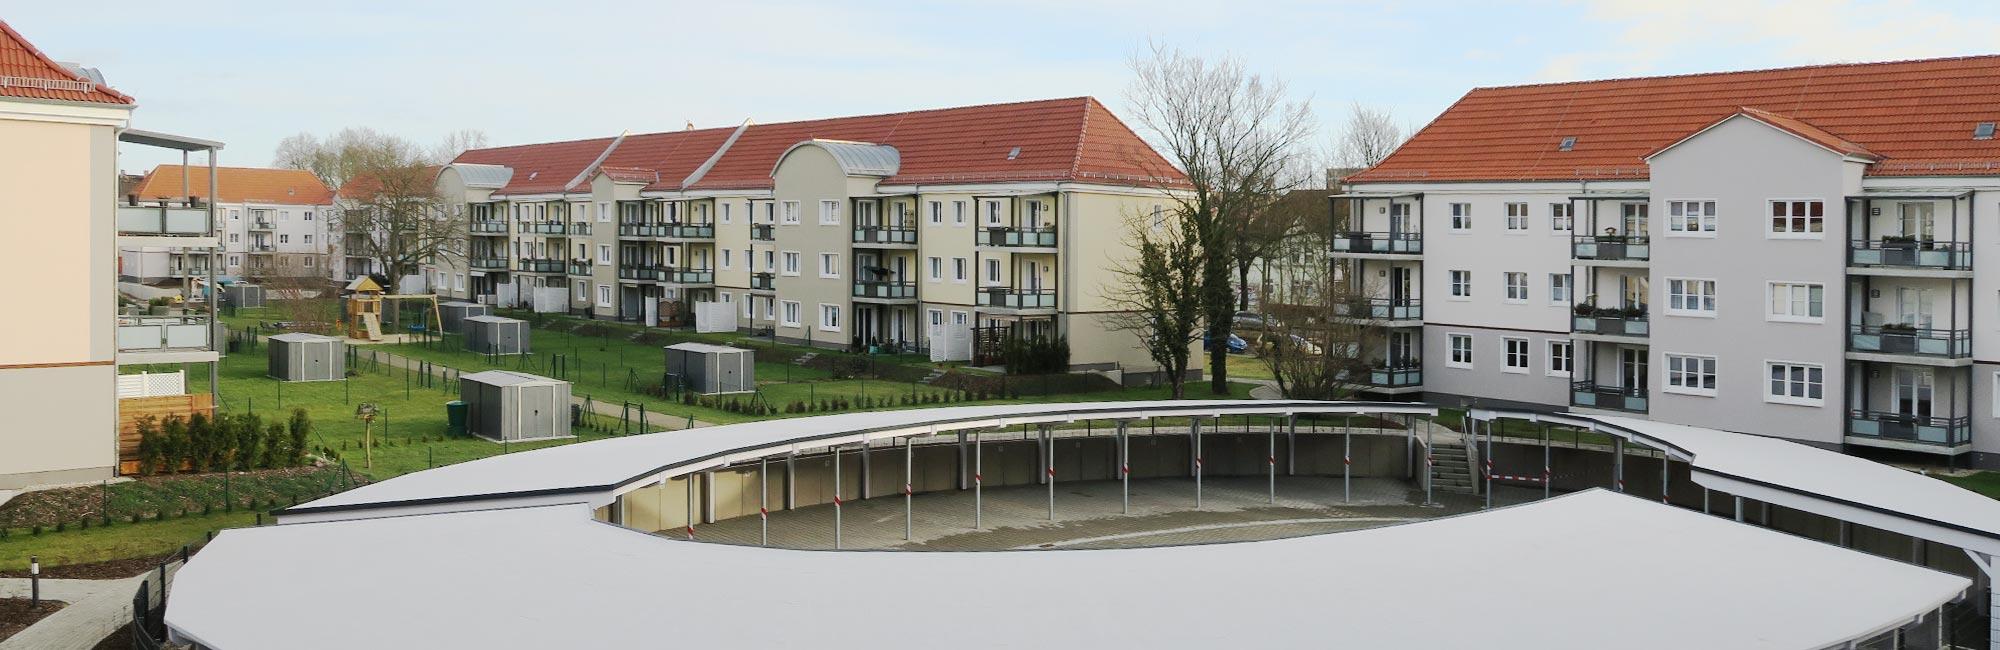 Architekturbüro Heinrich Wohnbau Dessau